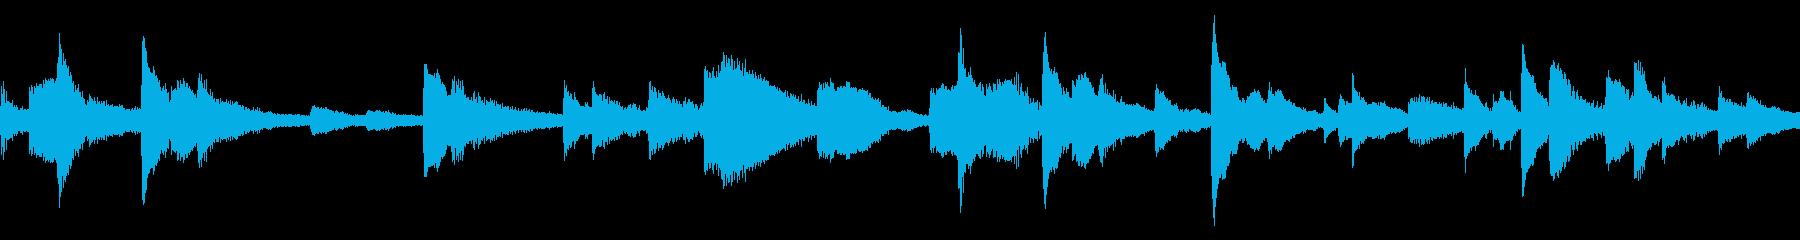 繊細な弦とたまに繊細なオーボエのリ...の再生済みの波形